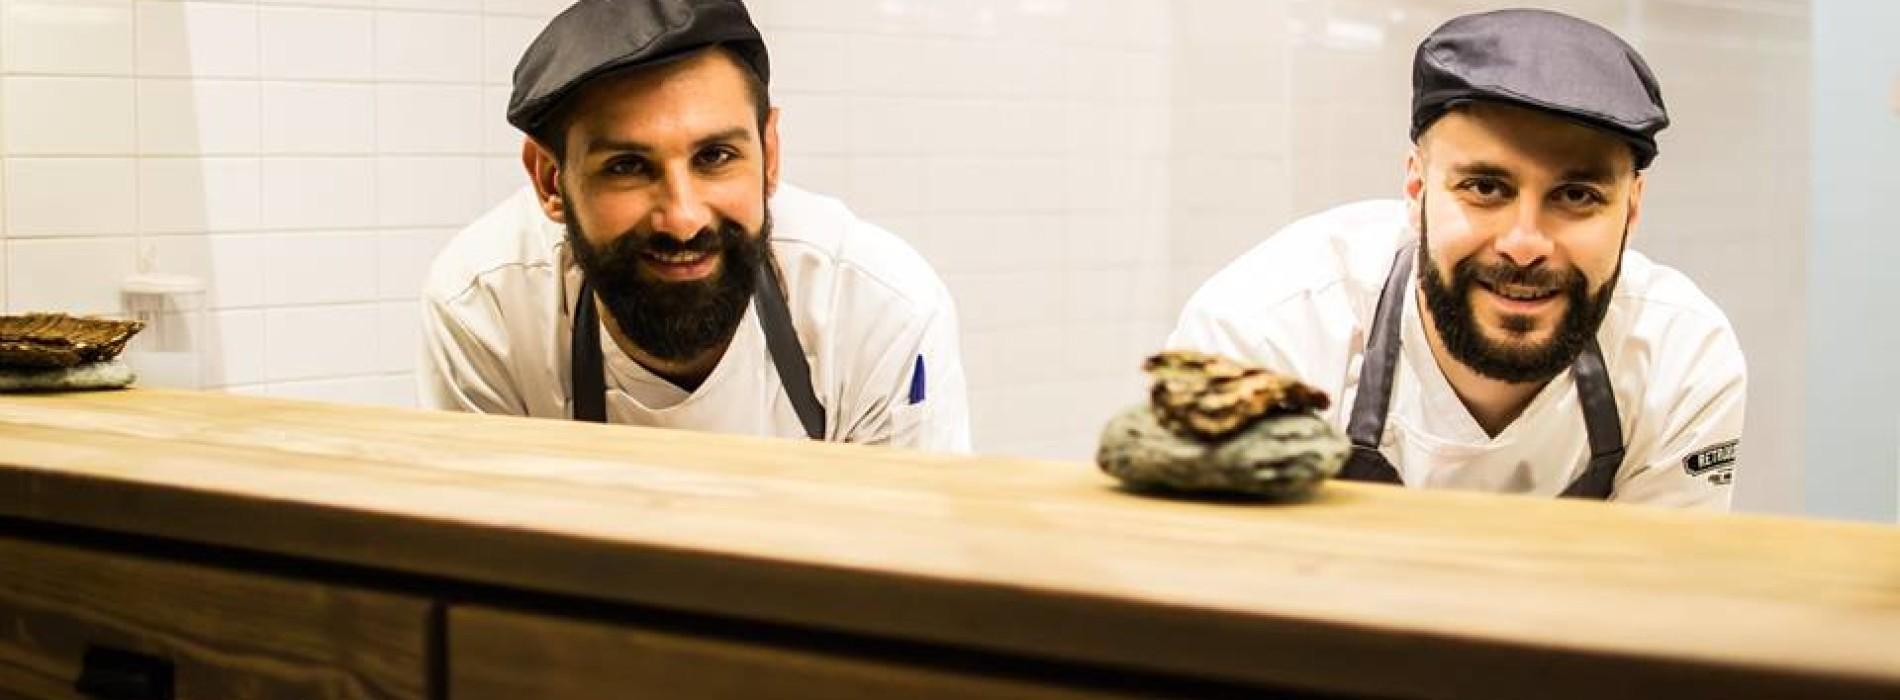 Puntarella d'Oro 2017: Retrobottega, Per me e Tordomatto in cima ai ristoranti di Roma